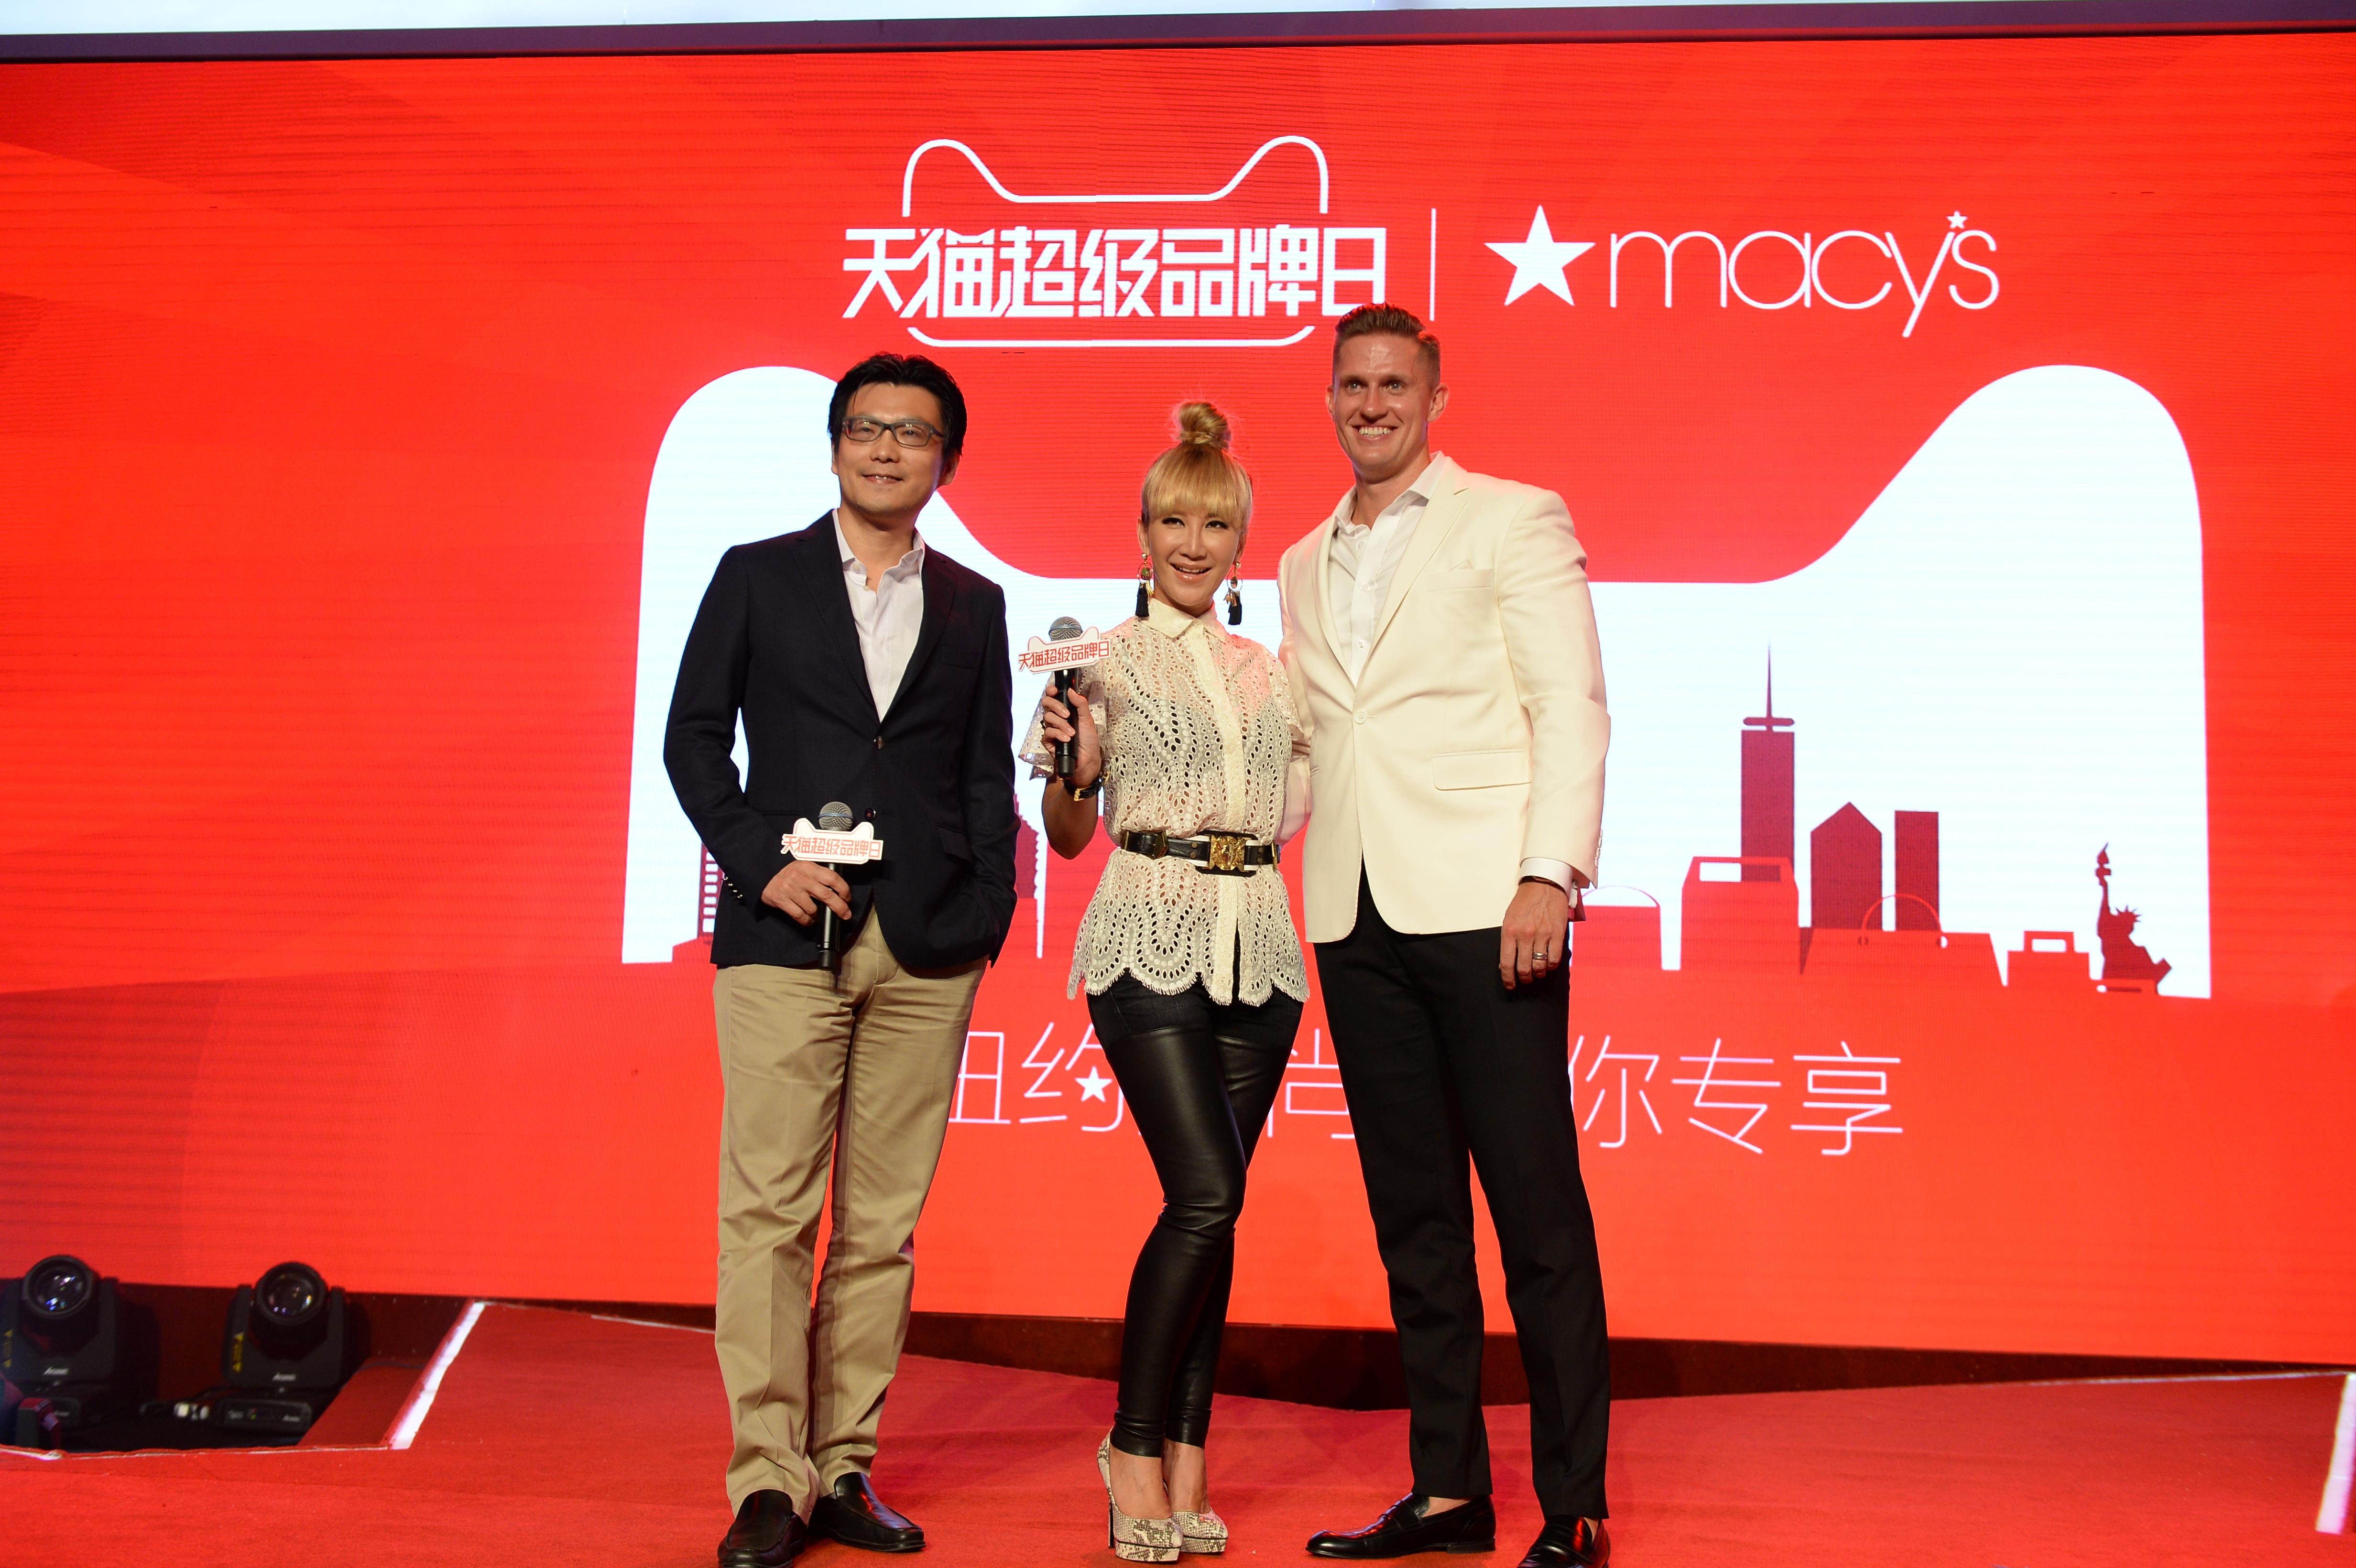 9月24日梅西百货天猫超级品牌日启动,标志着梅西与阿里巴巴独家战略合作再度升级